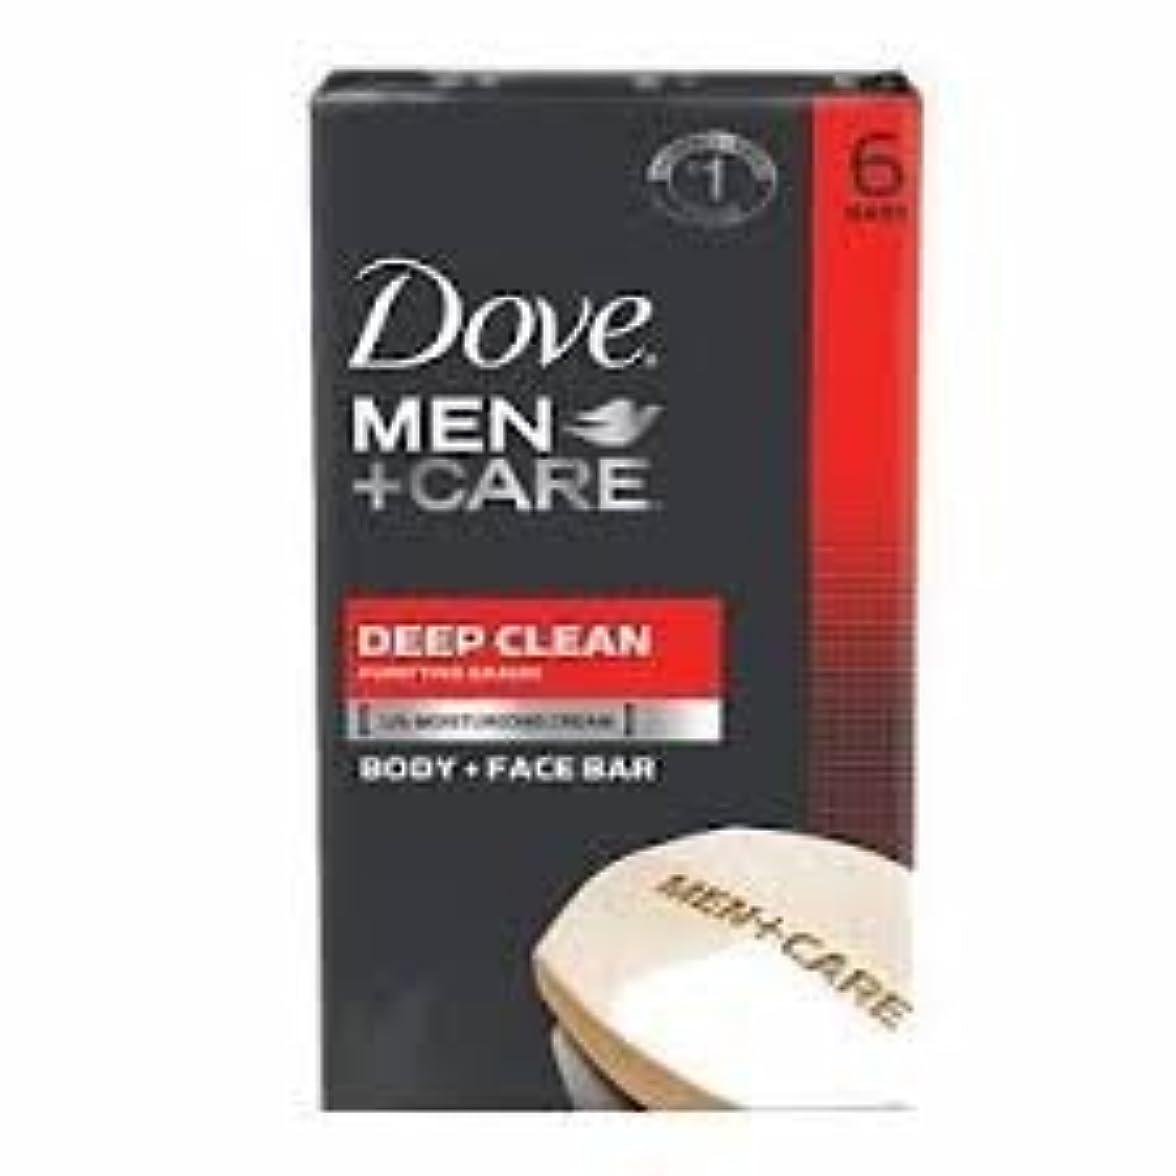 予測子所持活性化Dove Men + Care Body and Face Bar, Deep Clean 4oz x 6Bars ダブ メン プラスケア ディープ クリーン ソープ 4oz x 6個